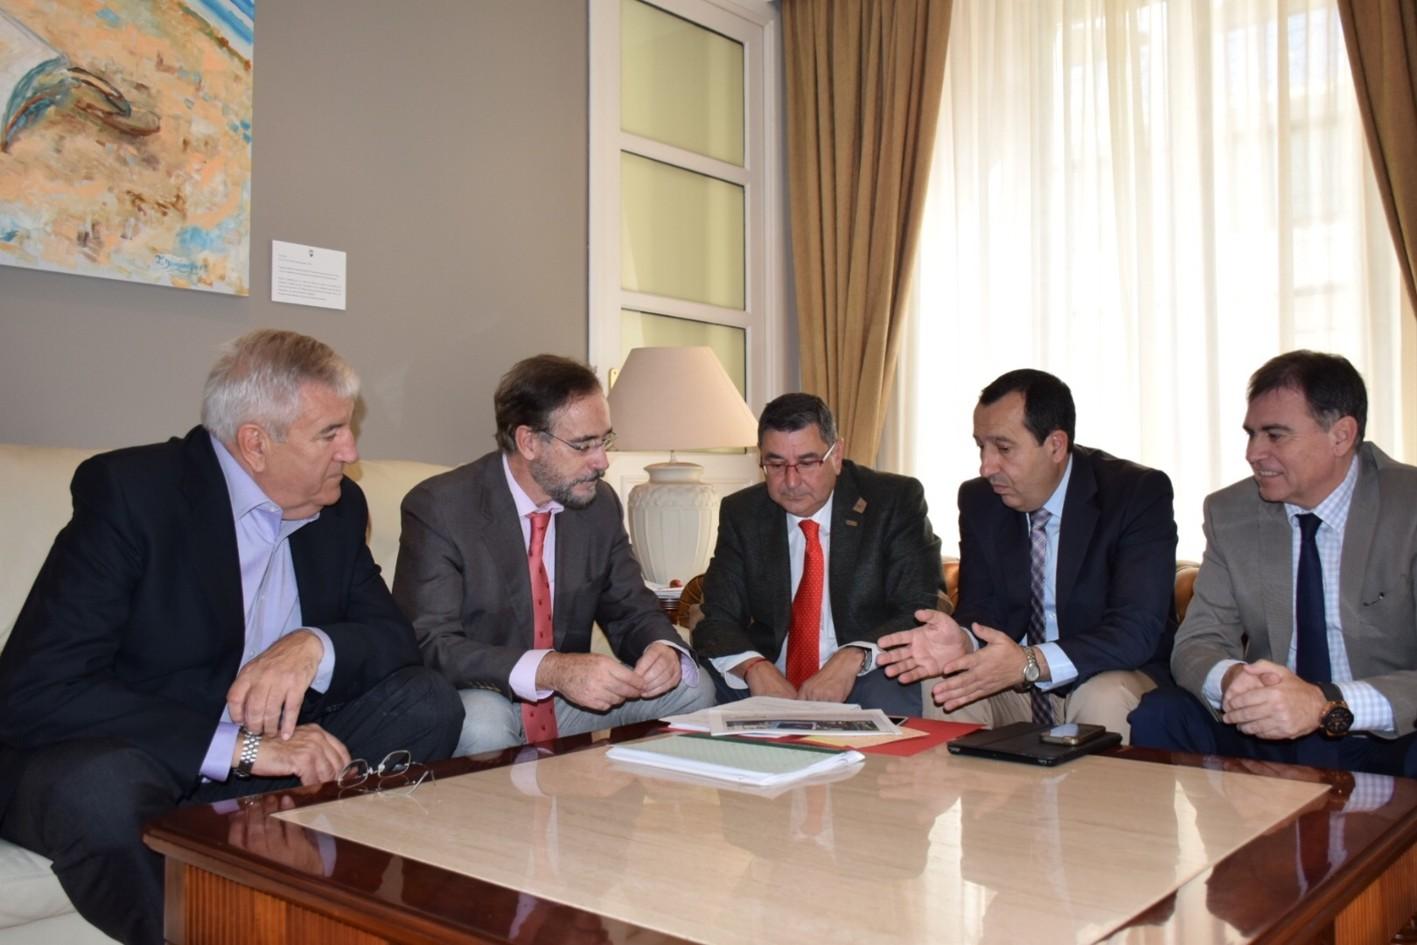 El consejero de Fomento, acompañado del delegado del Gobierno y del delegado provincial de Fomento, en la reunión con el alcalde.